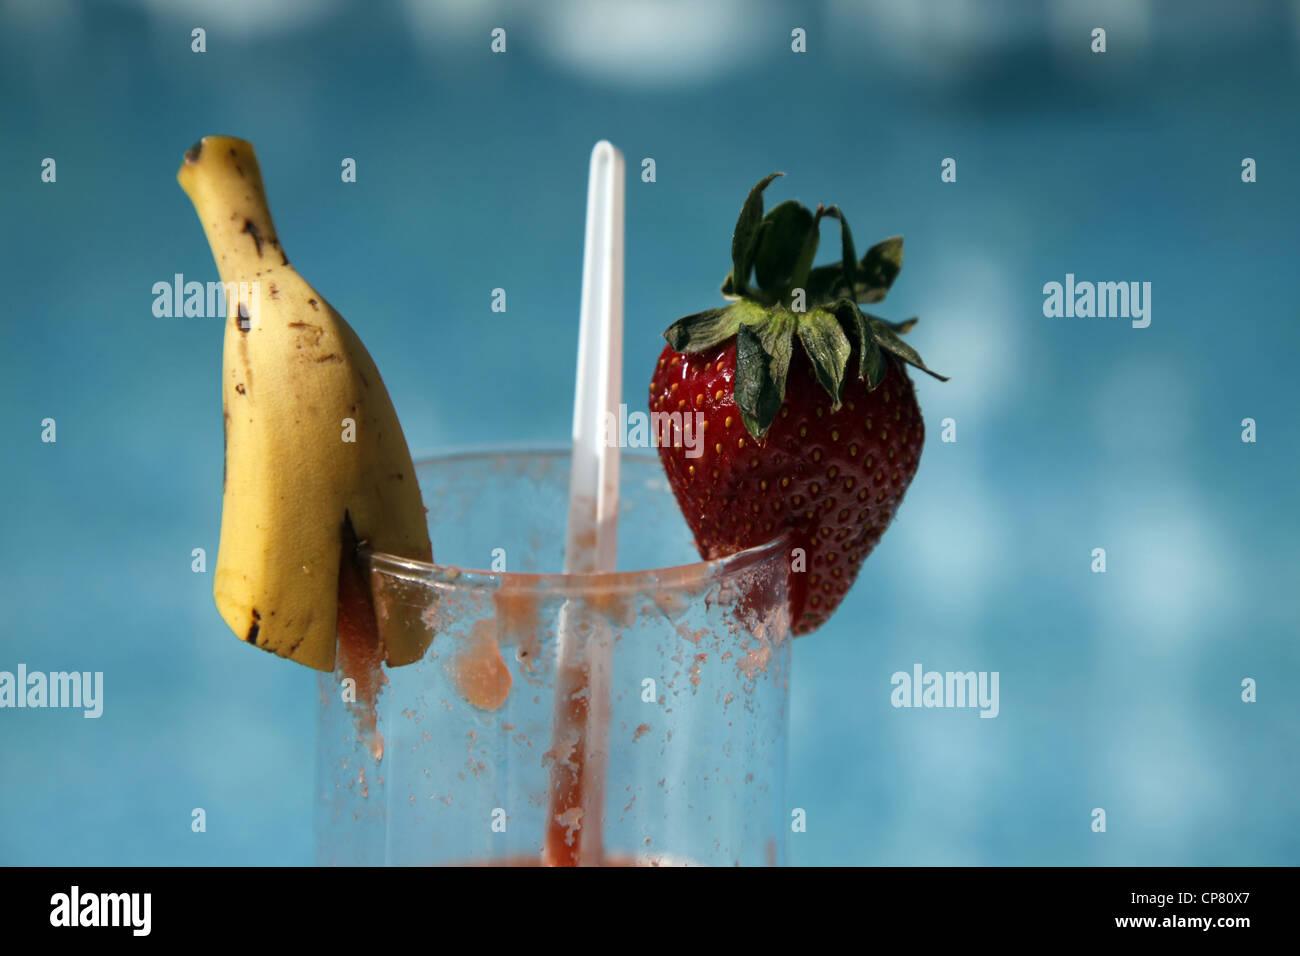 Banane & Erdbeere auf Glas SIDE Türkei 15. April 2012 Stockbild